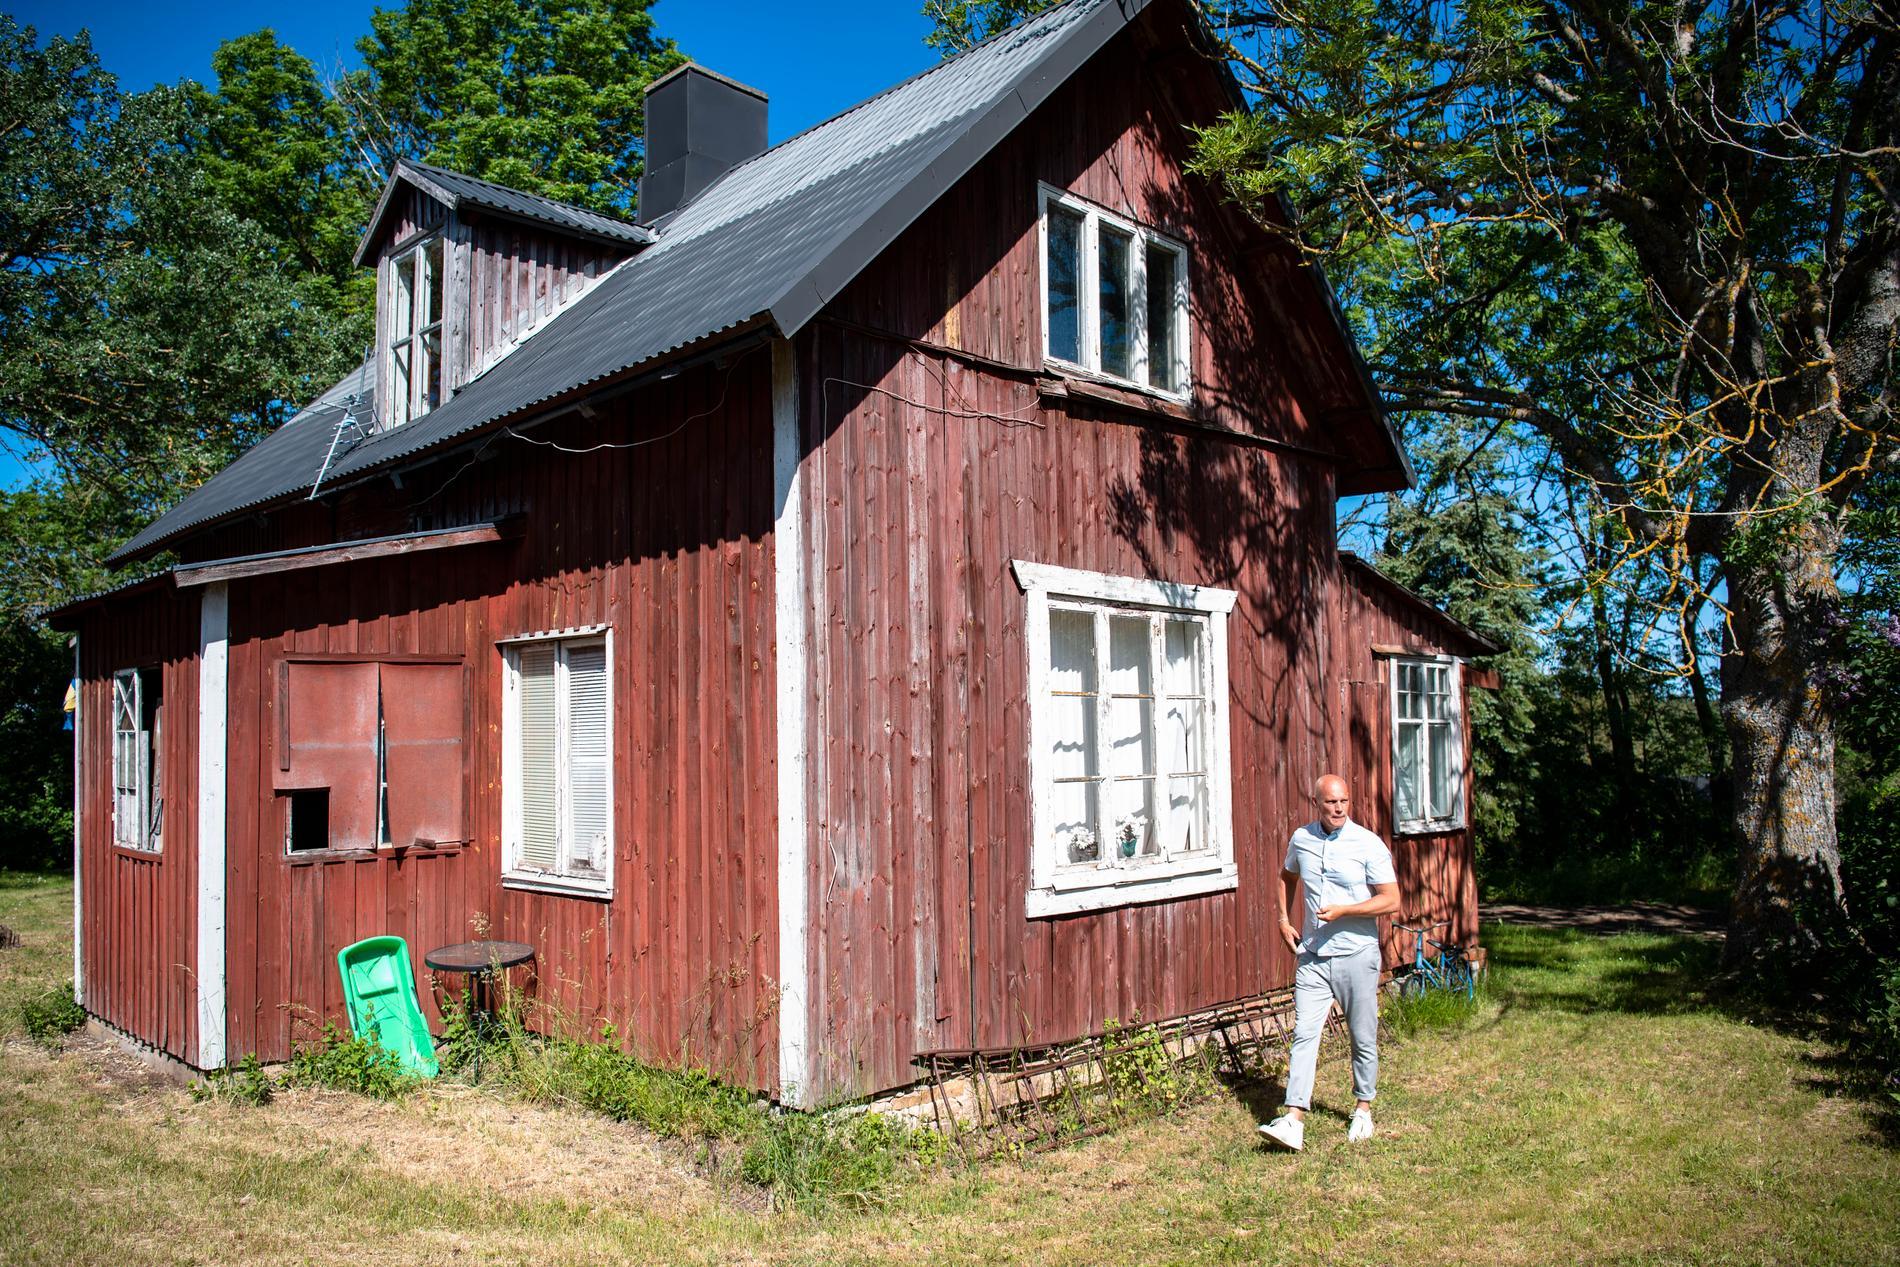 70 familjer har visat intresse för den röda villan.